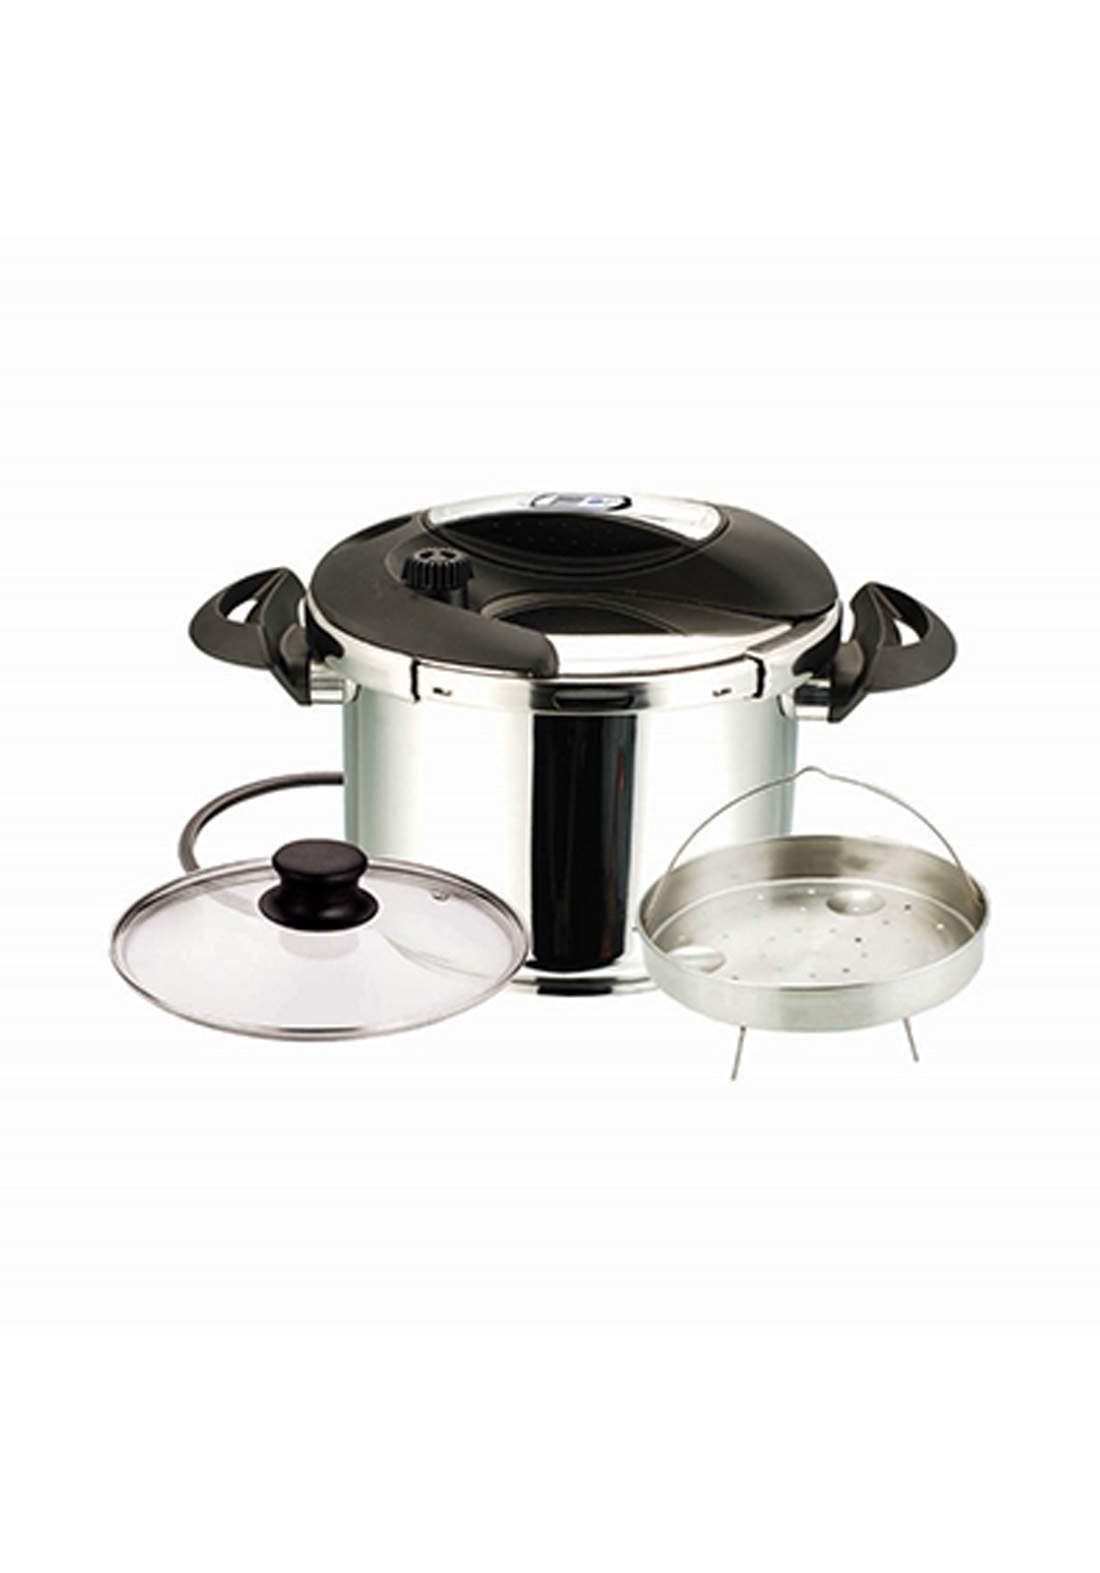 Delmonti DL1030A Pressure cooker 6L قدر ضغط